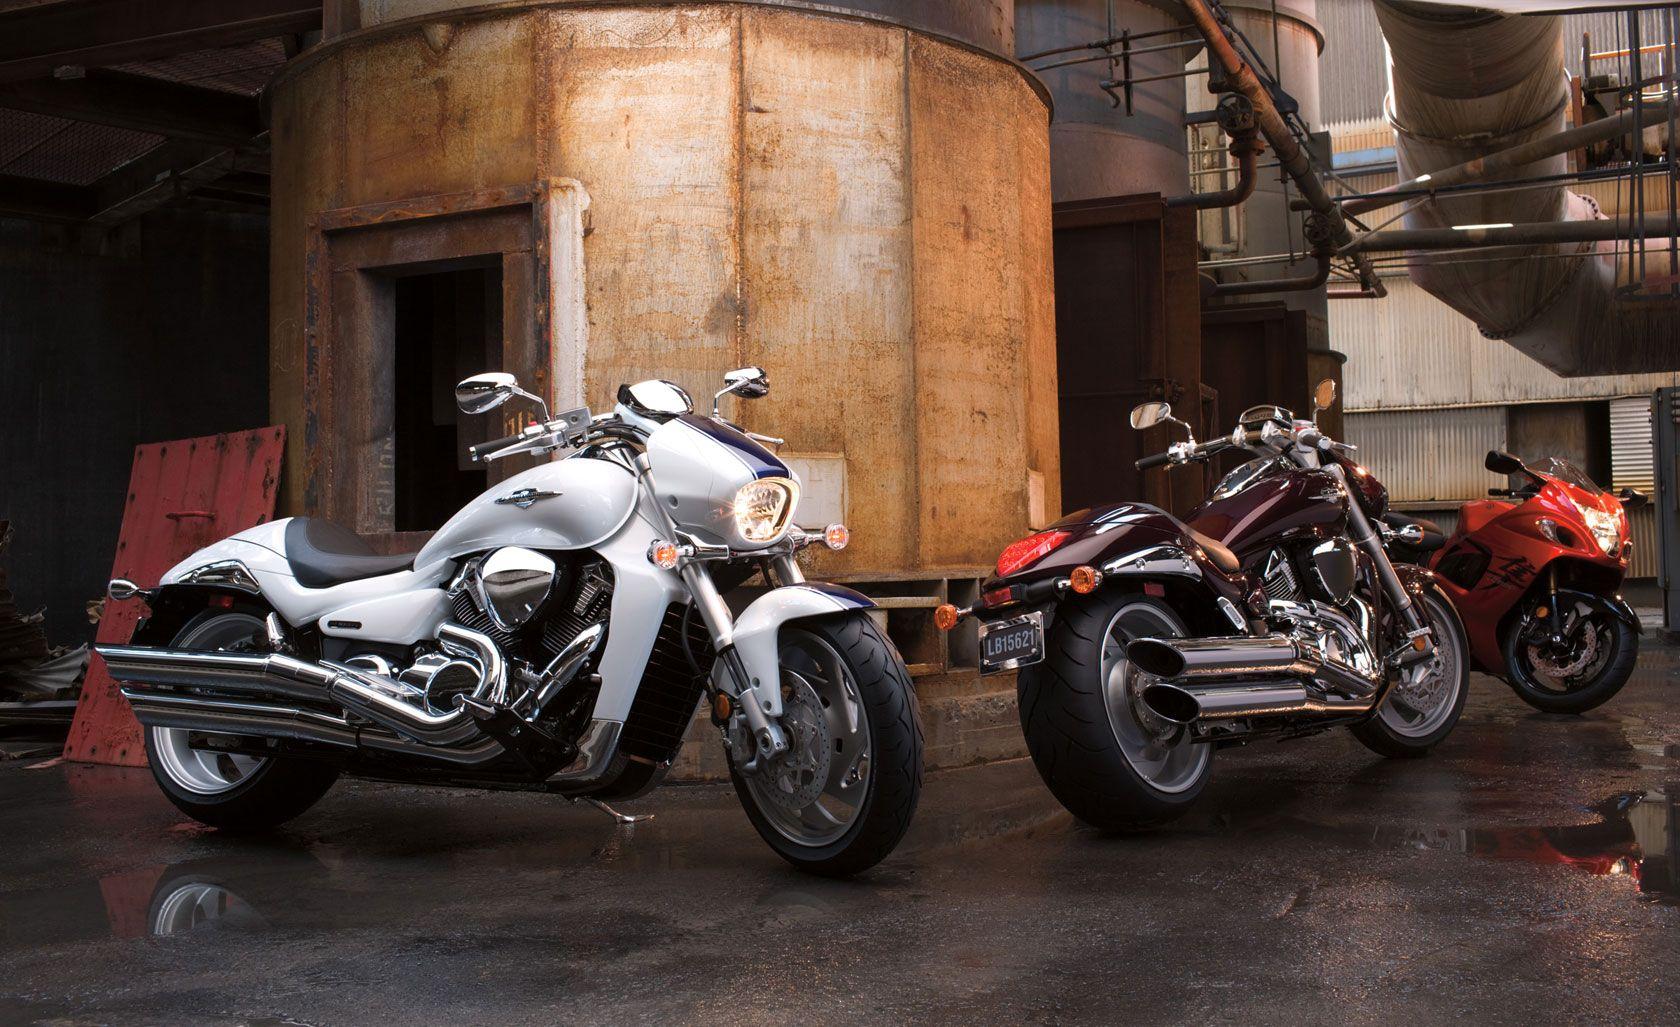 2009 Suzuki Boulevard M109R | Motorcycle anything | Motorcycle